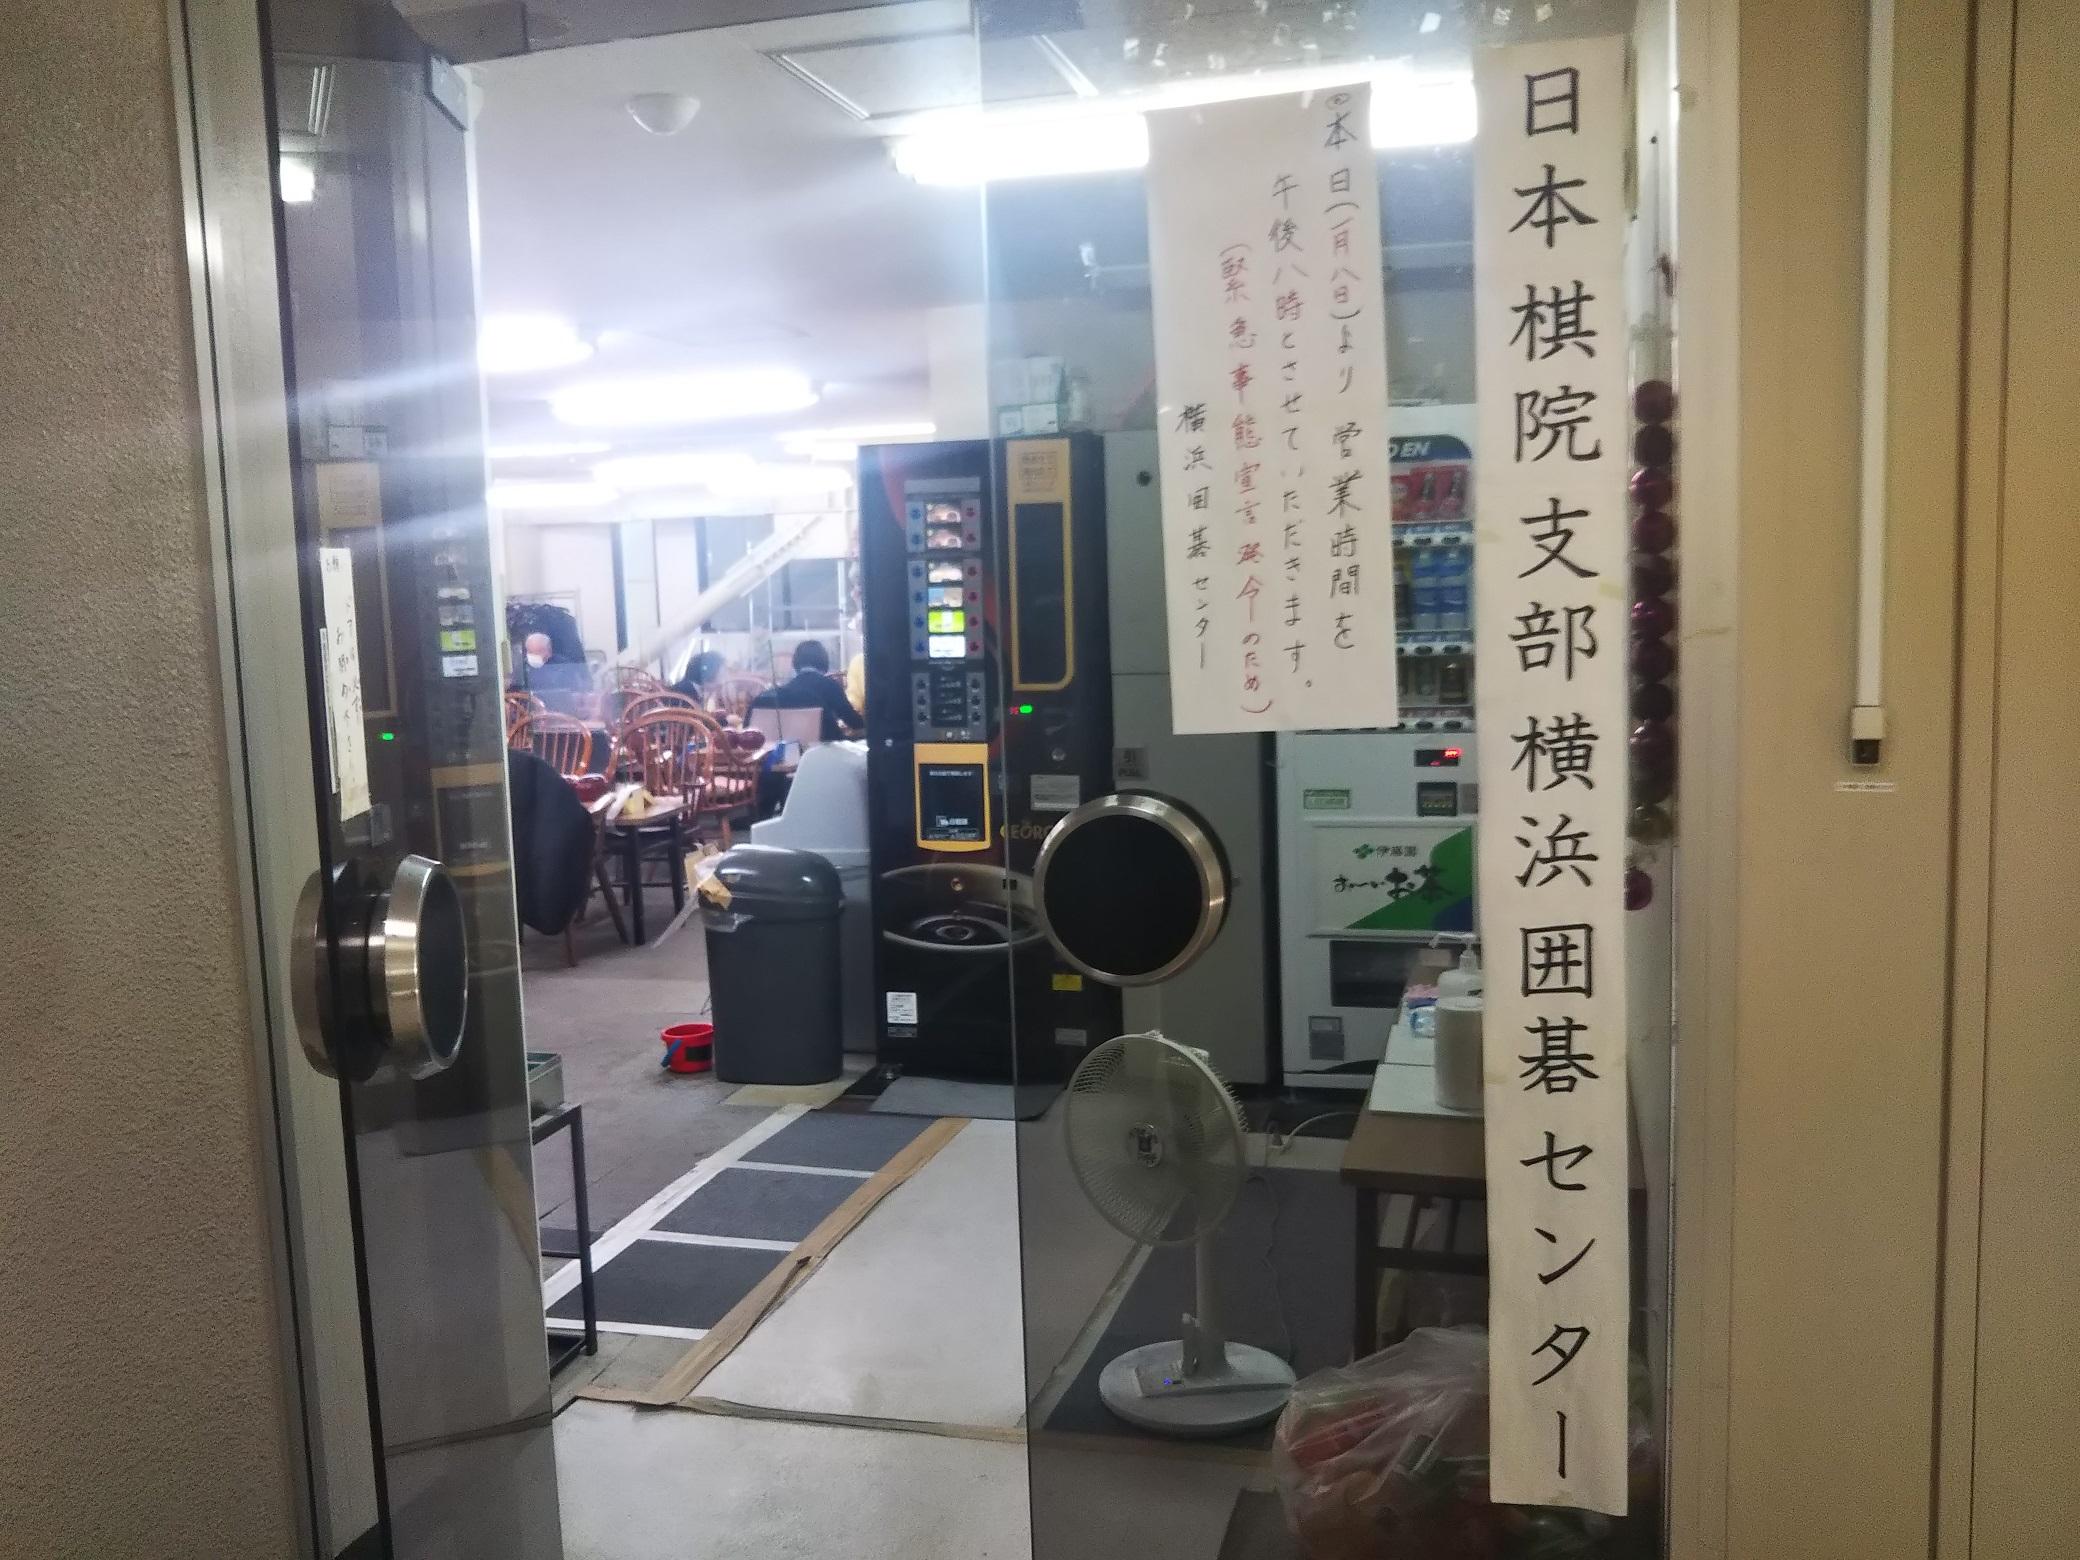 横浜囲碁センターの入り口